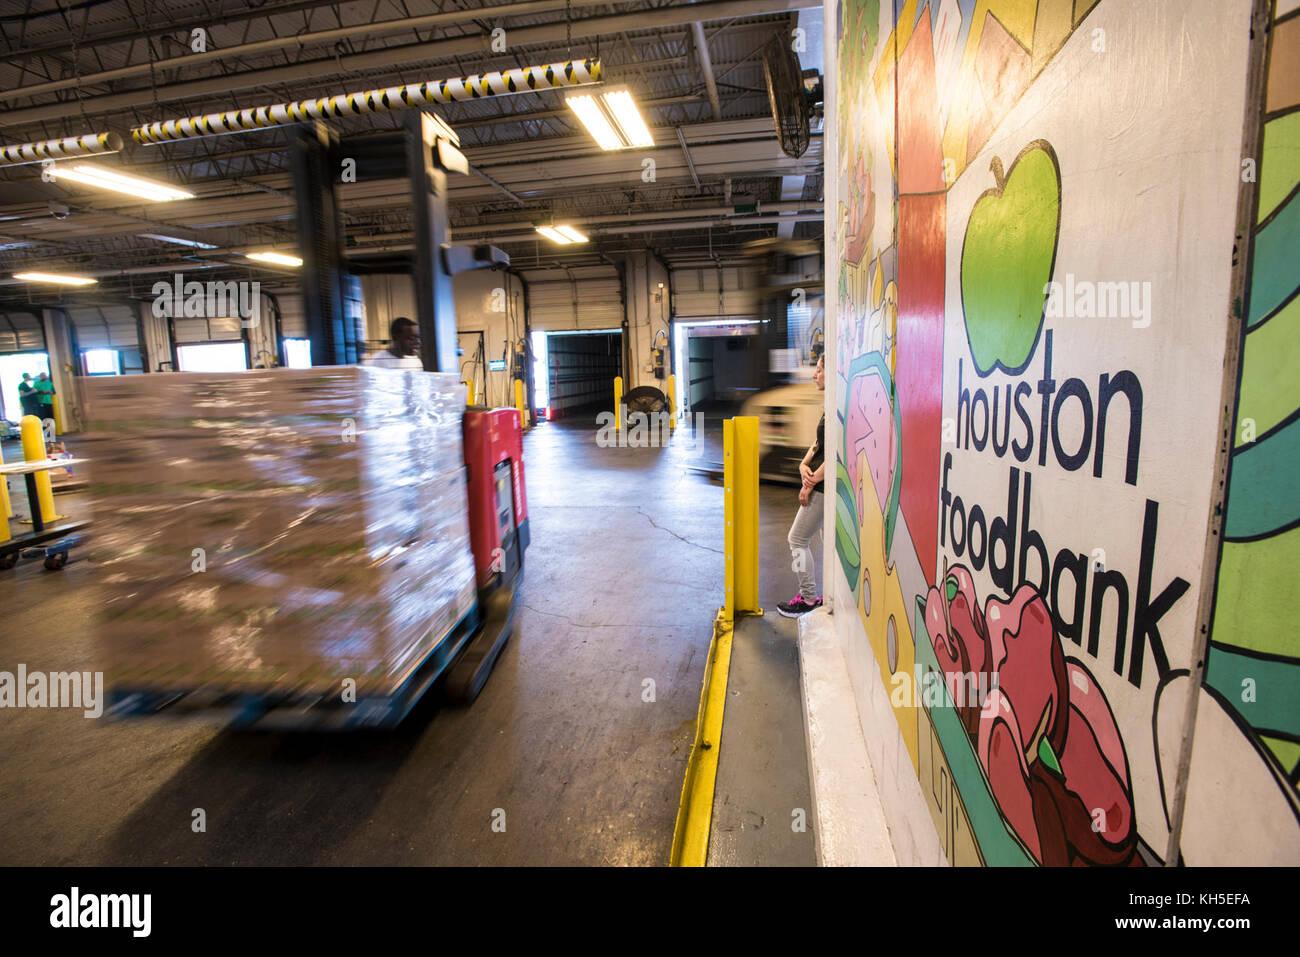 571330c8d3 Un pallet di catastrofe scatole di alimentari escono da houston food bank  magazzino merce viene caricato per la consegna di alimenti riposterie, ...